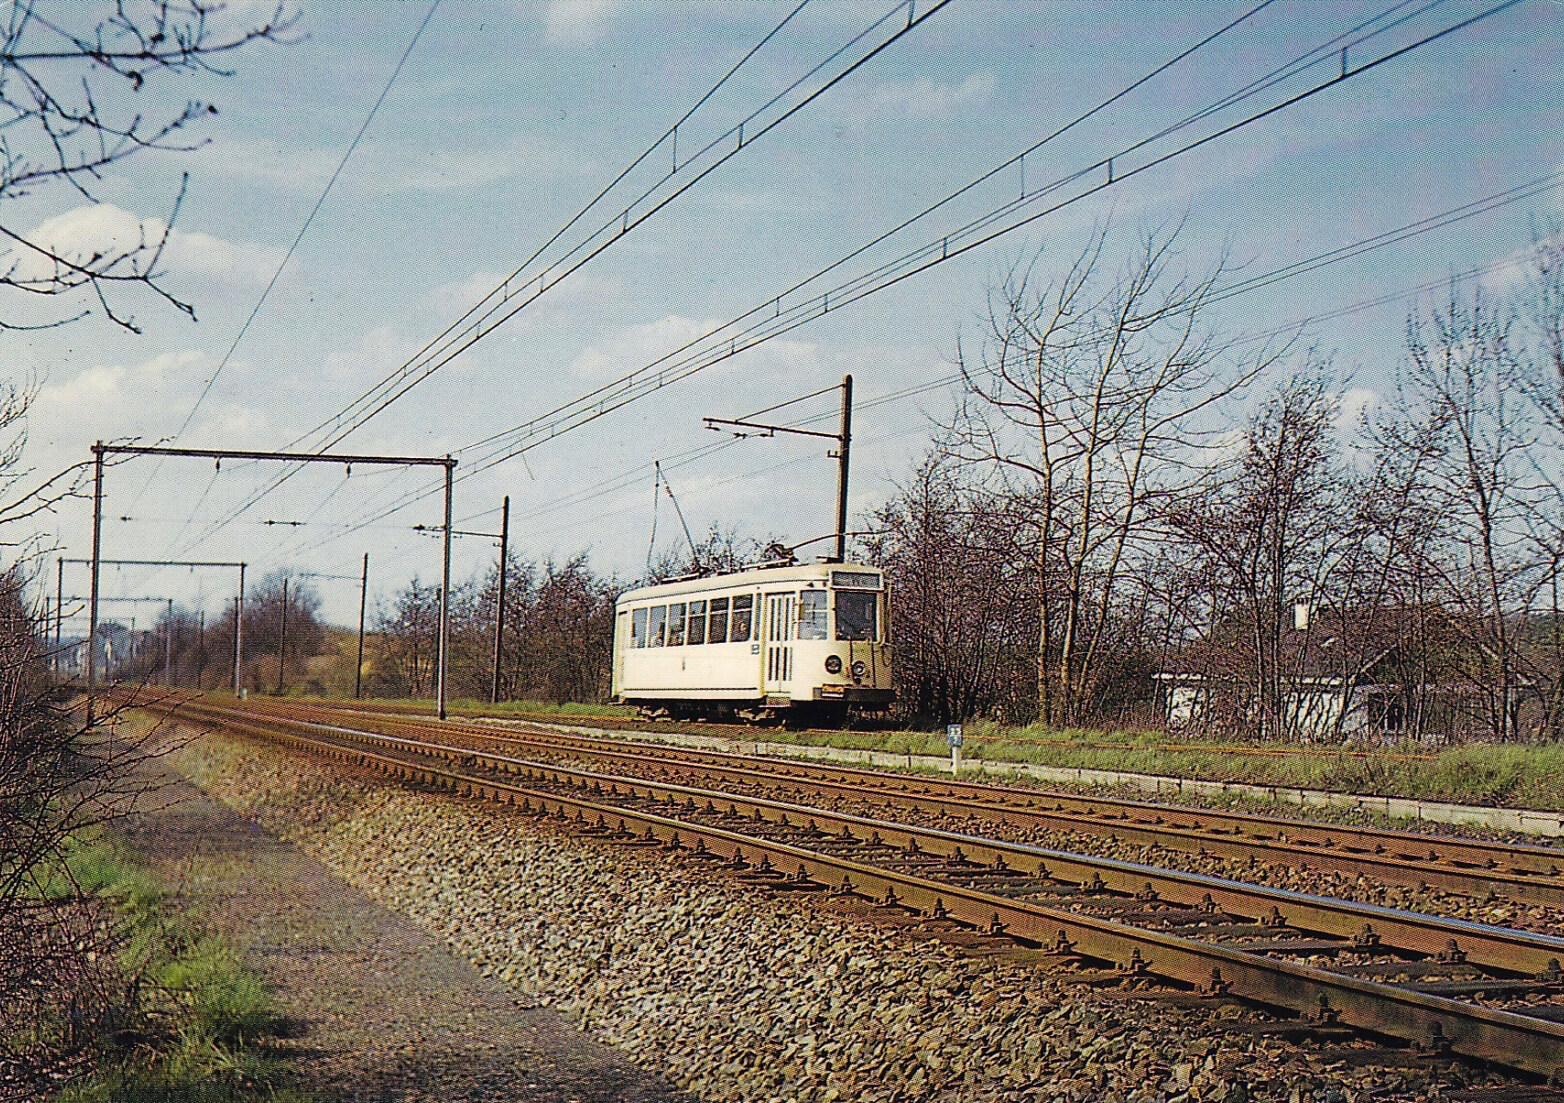 180502 Tram vicinal le long de la voie ferrée Rixensart © Jean-Louis Lebrun